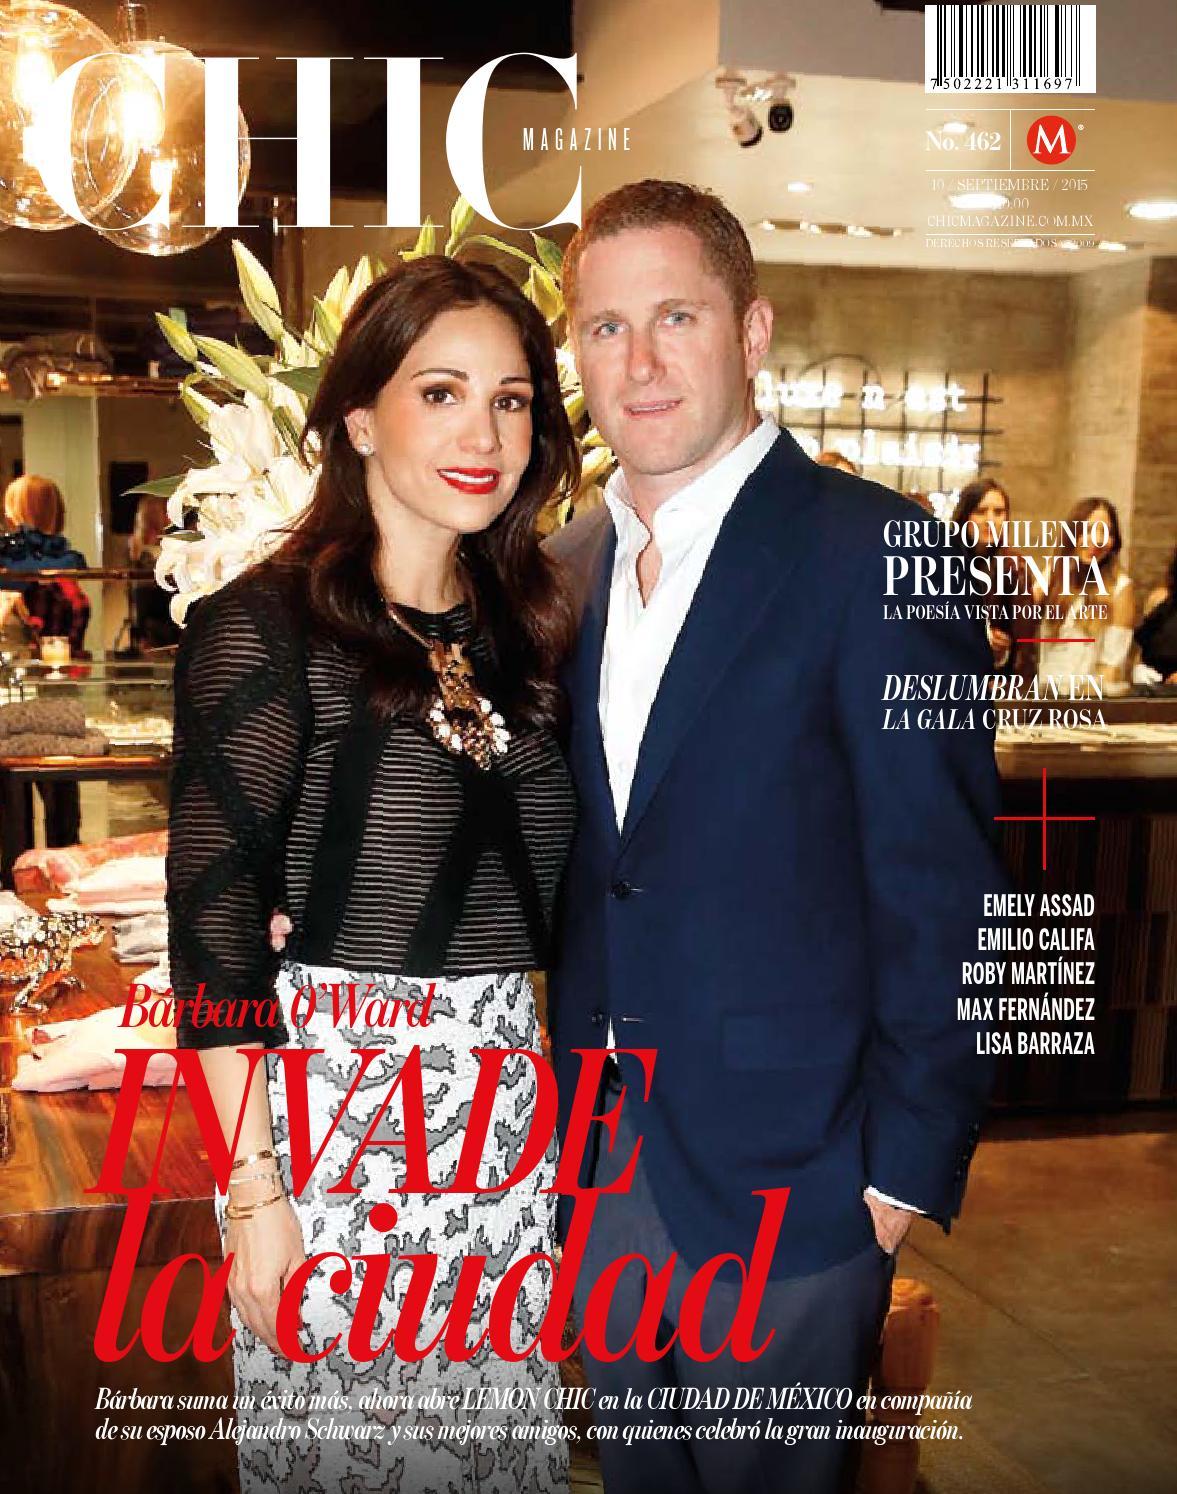 chic magazine monterrey n250m 462 10sep2015 by chic